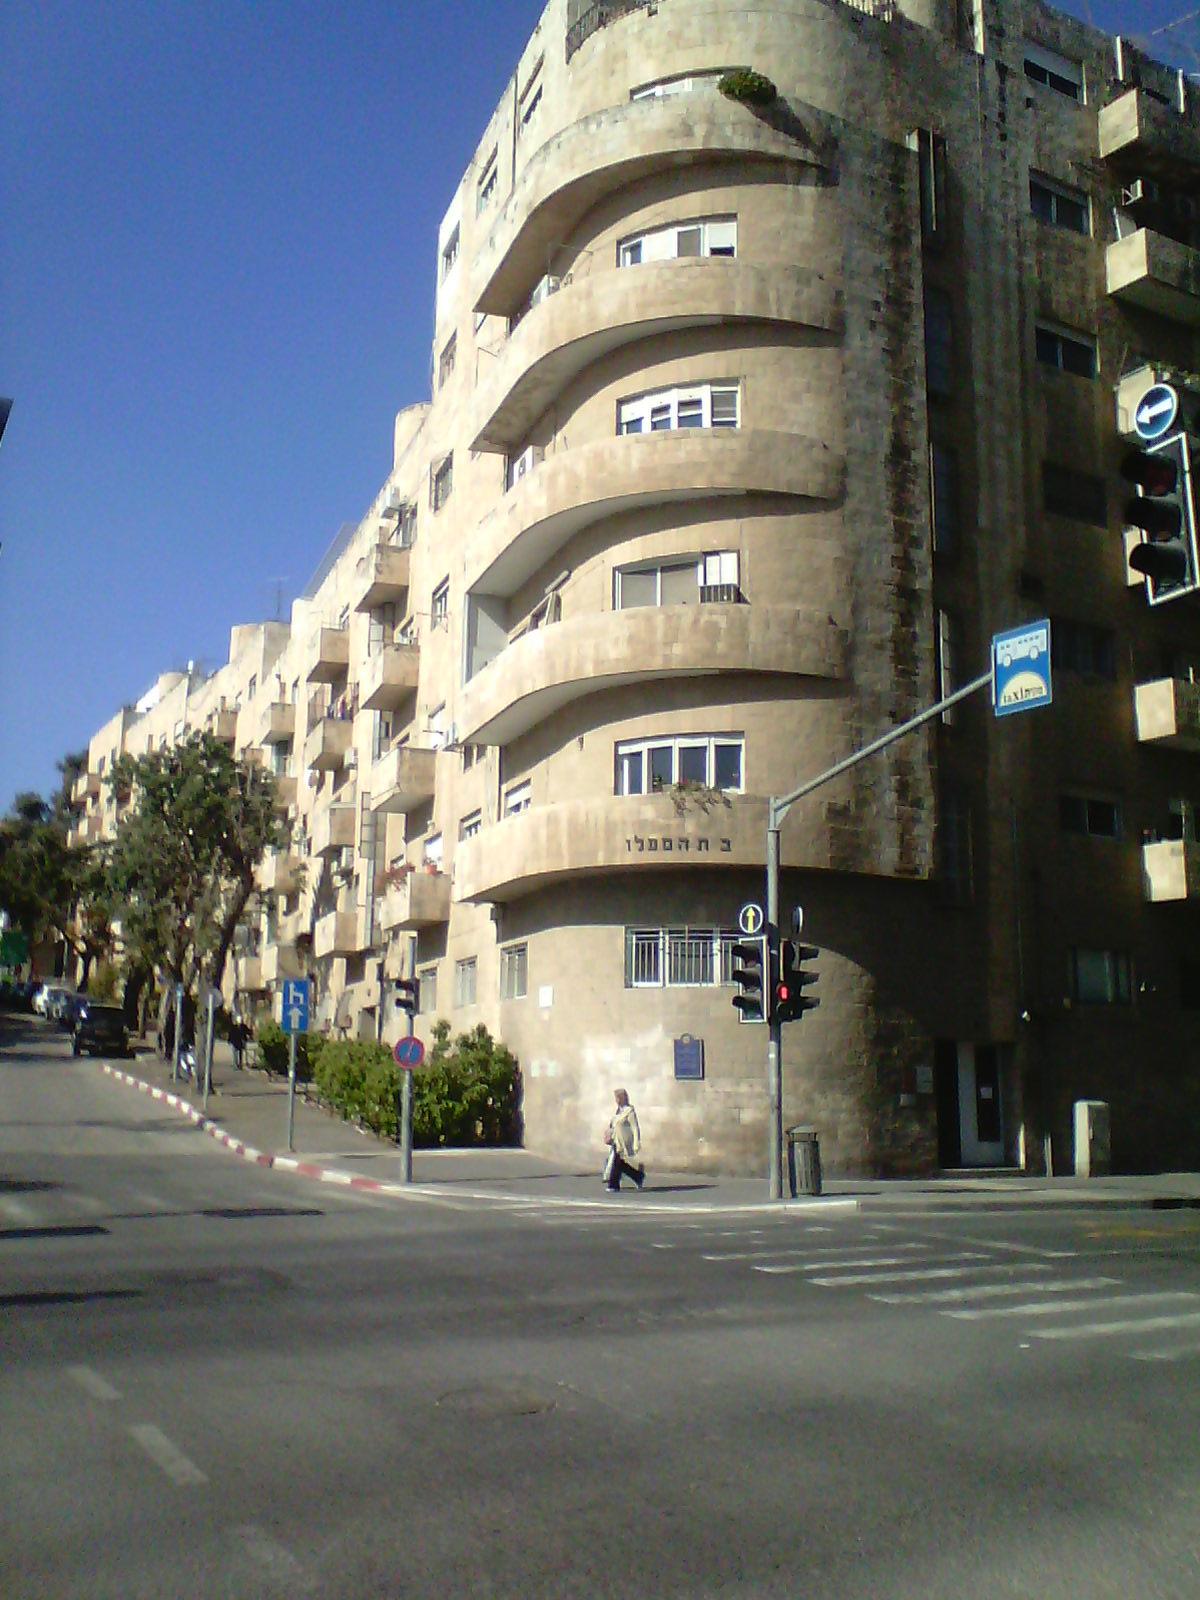 Конструктивисткое здание в Иерусалиме на улице Маалот